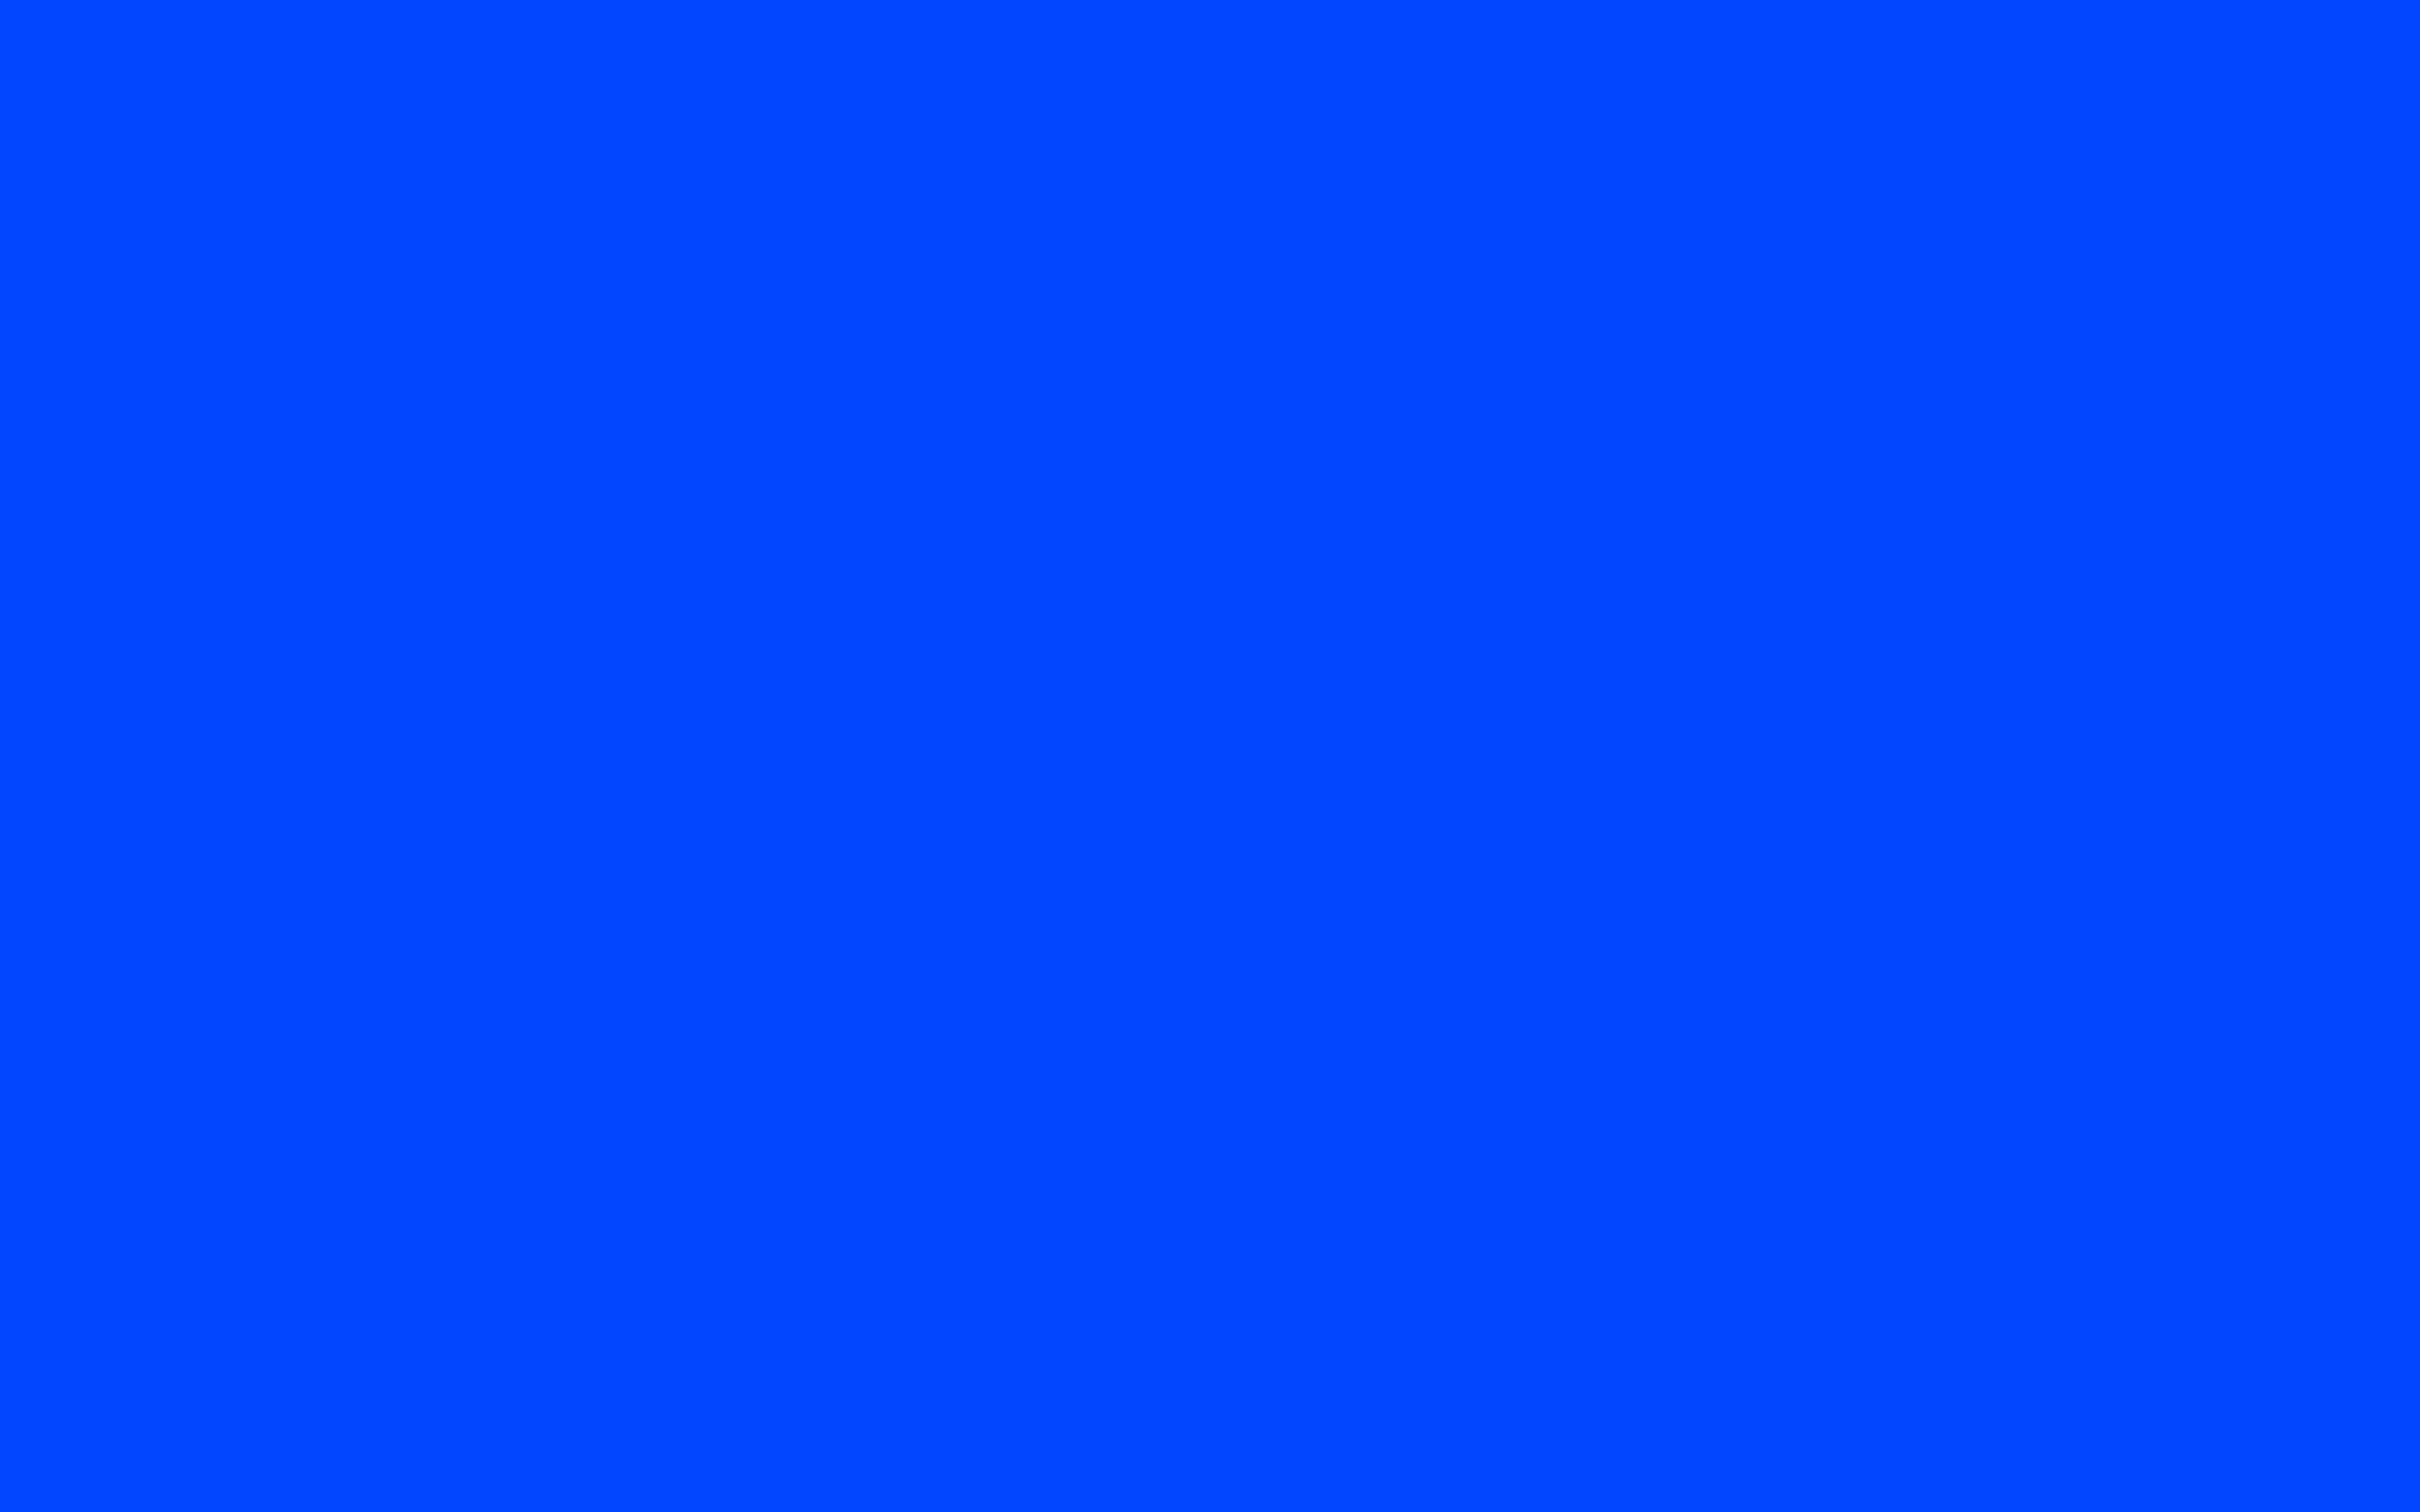 kitchen blue wallpaper background - photo #19